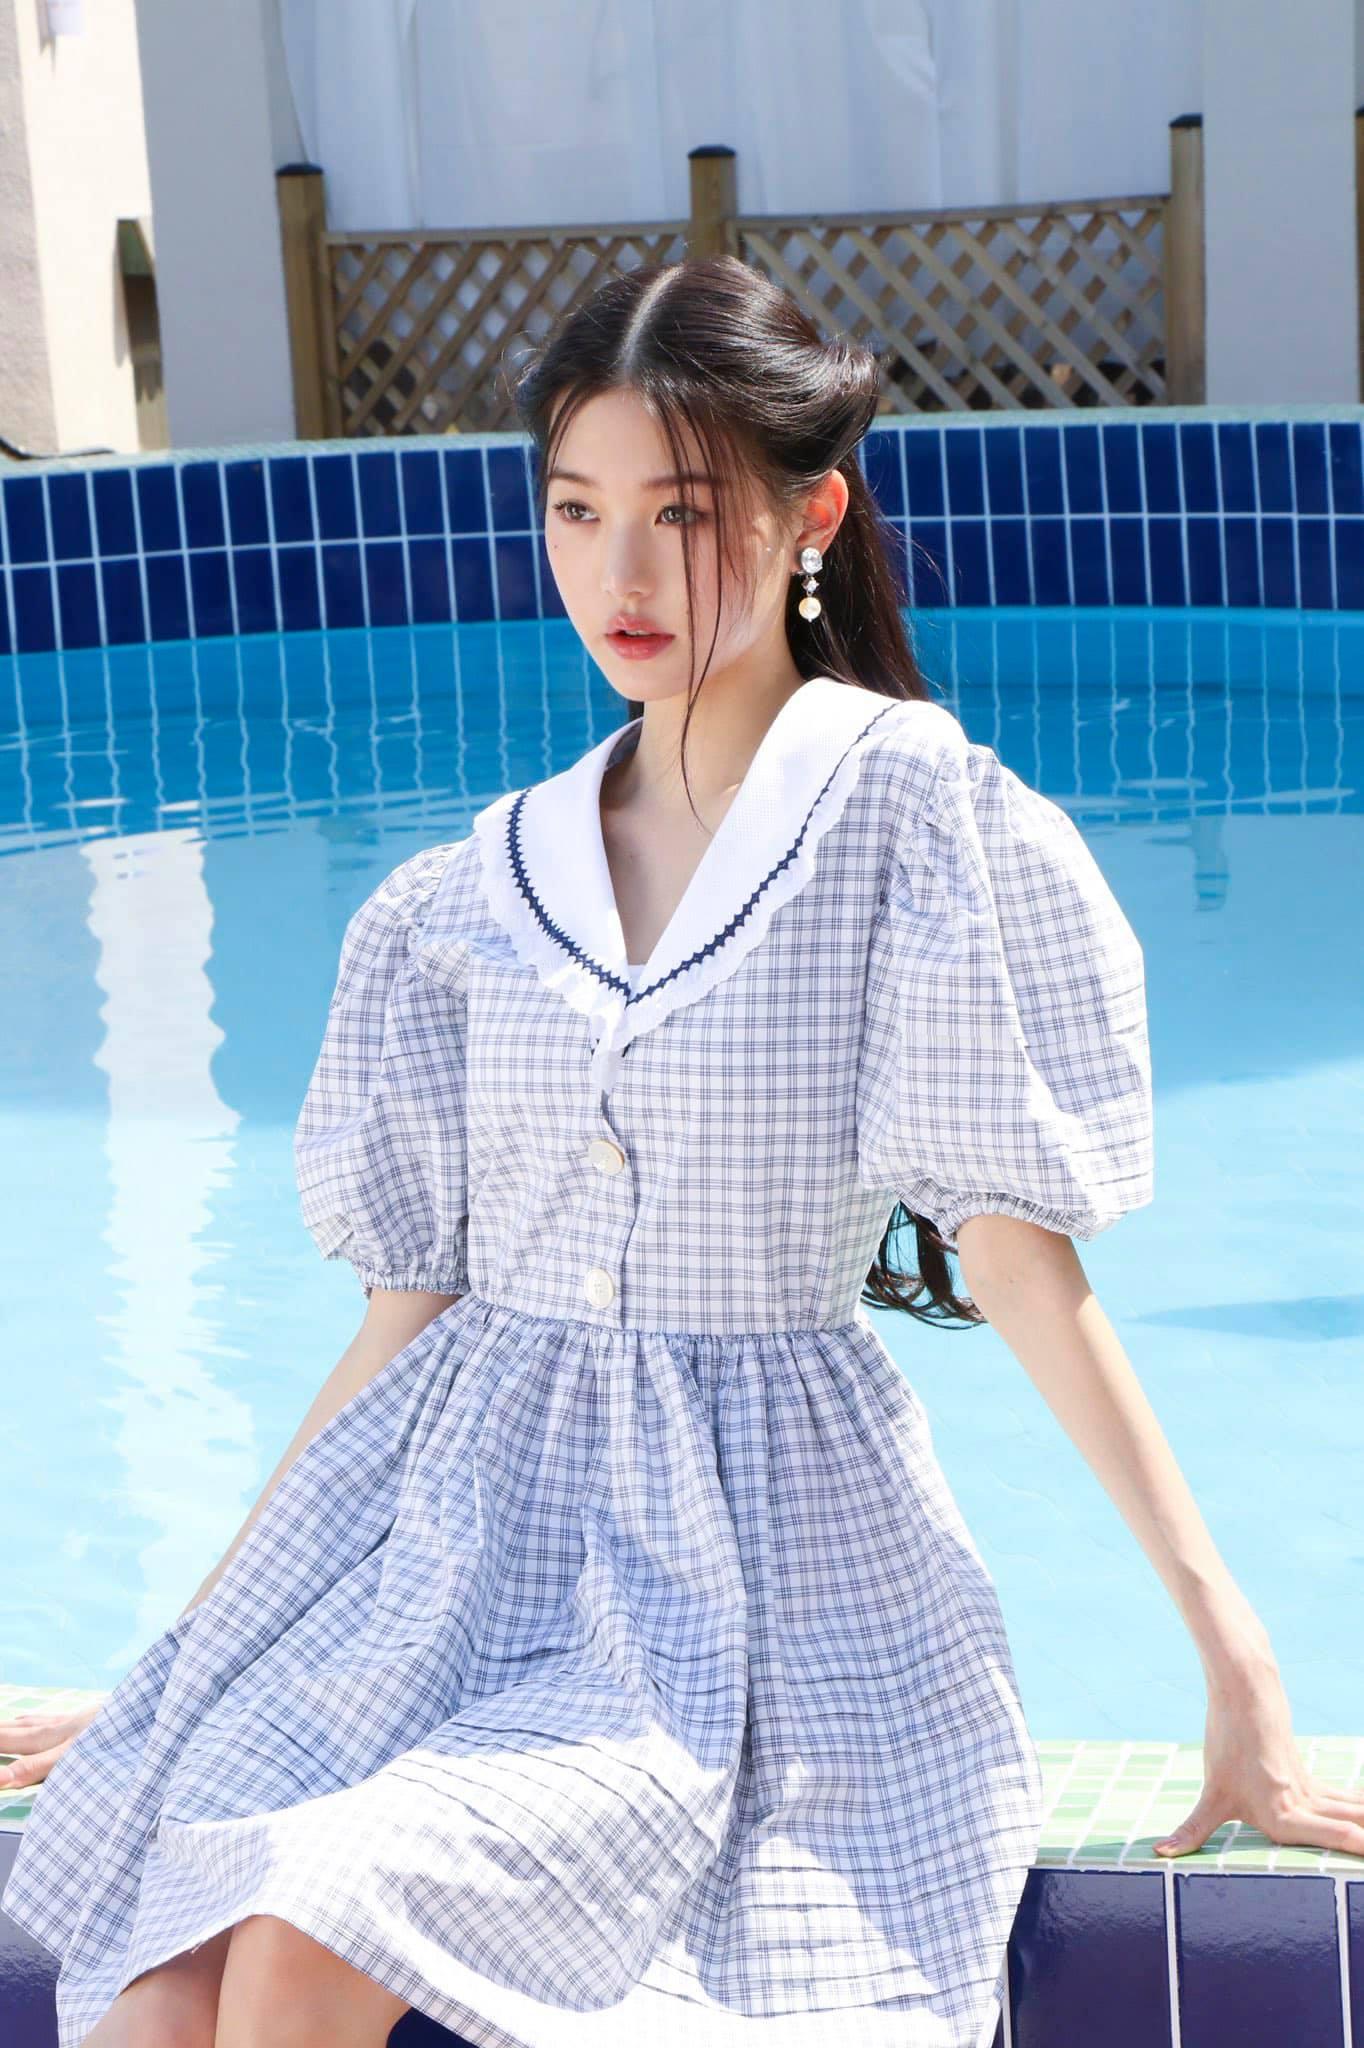 Trong loạt ảnh mới thực hiện cho Vogue hợp tác cùng thương hiệu thời trang Miu Miu, Jang Won Young gây ấn tượng với vẻ đẹp kiêu sa, ngọt ngào. Vốn là một Miu Miu Girl, mỹ nhân IZONE có visual đậm chất tiểu thư, rất phù hợp với những thiết kế nữ tính của nhà mốt cao cấp.